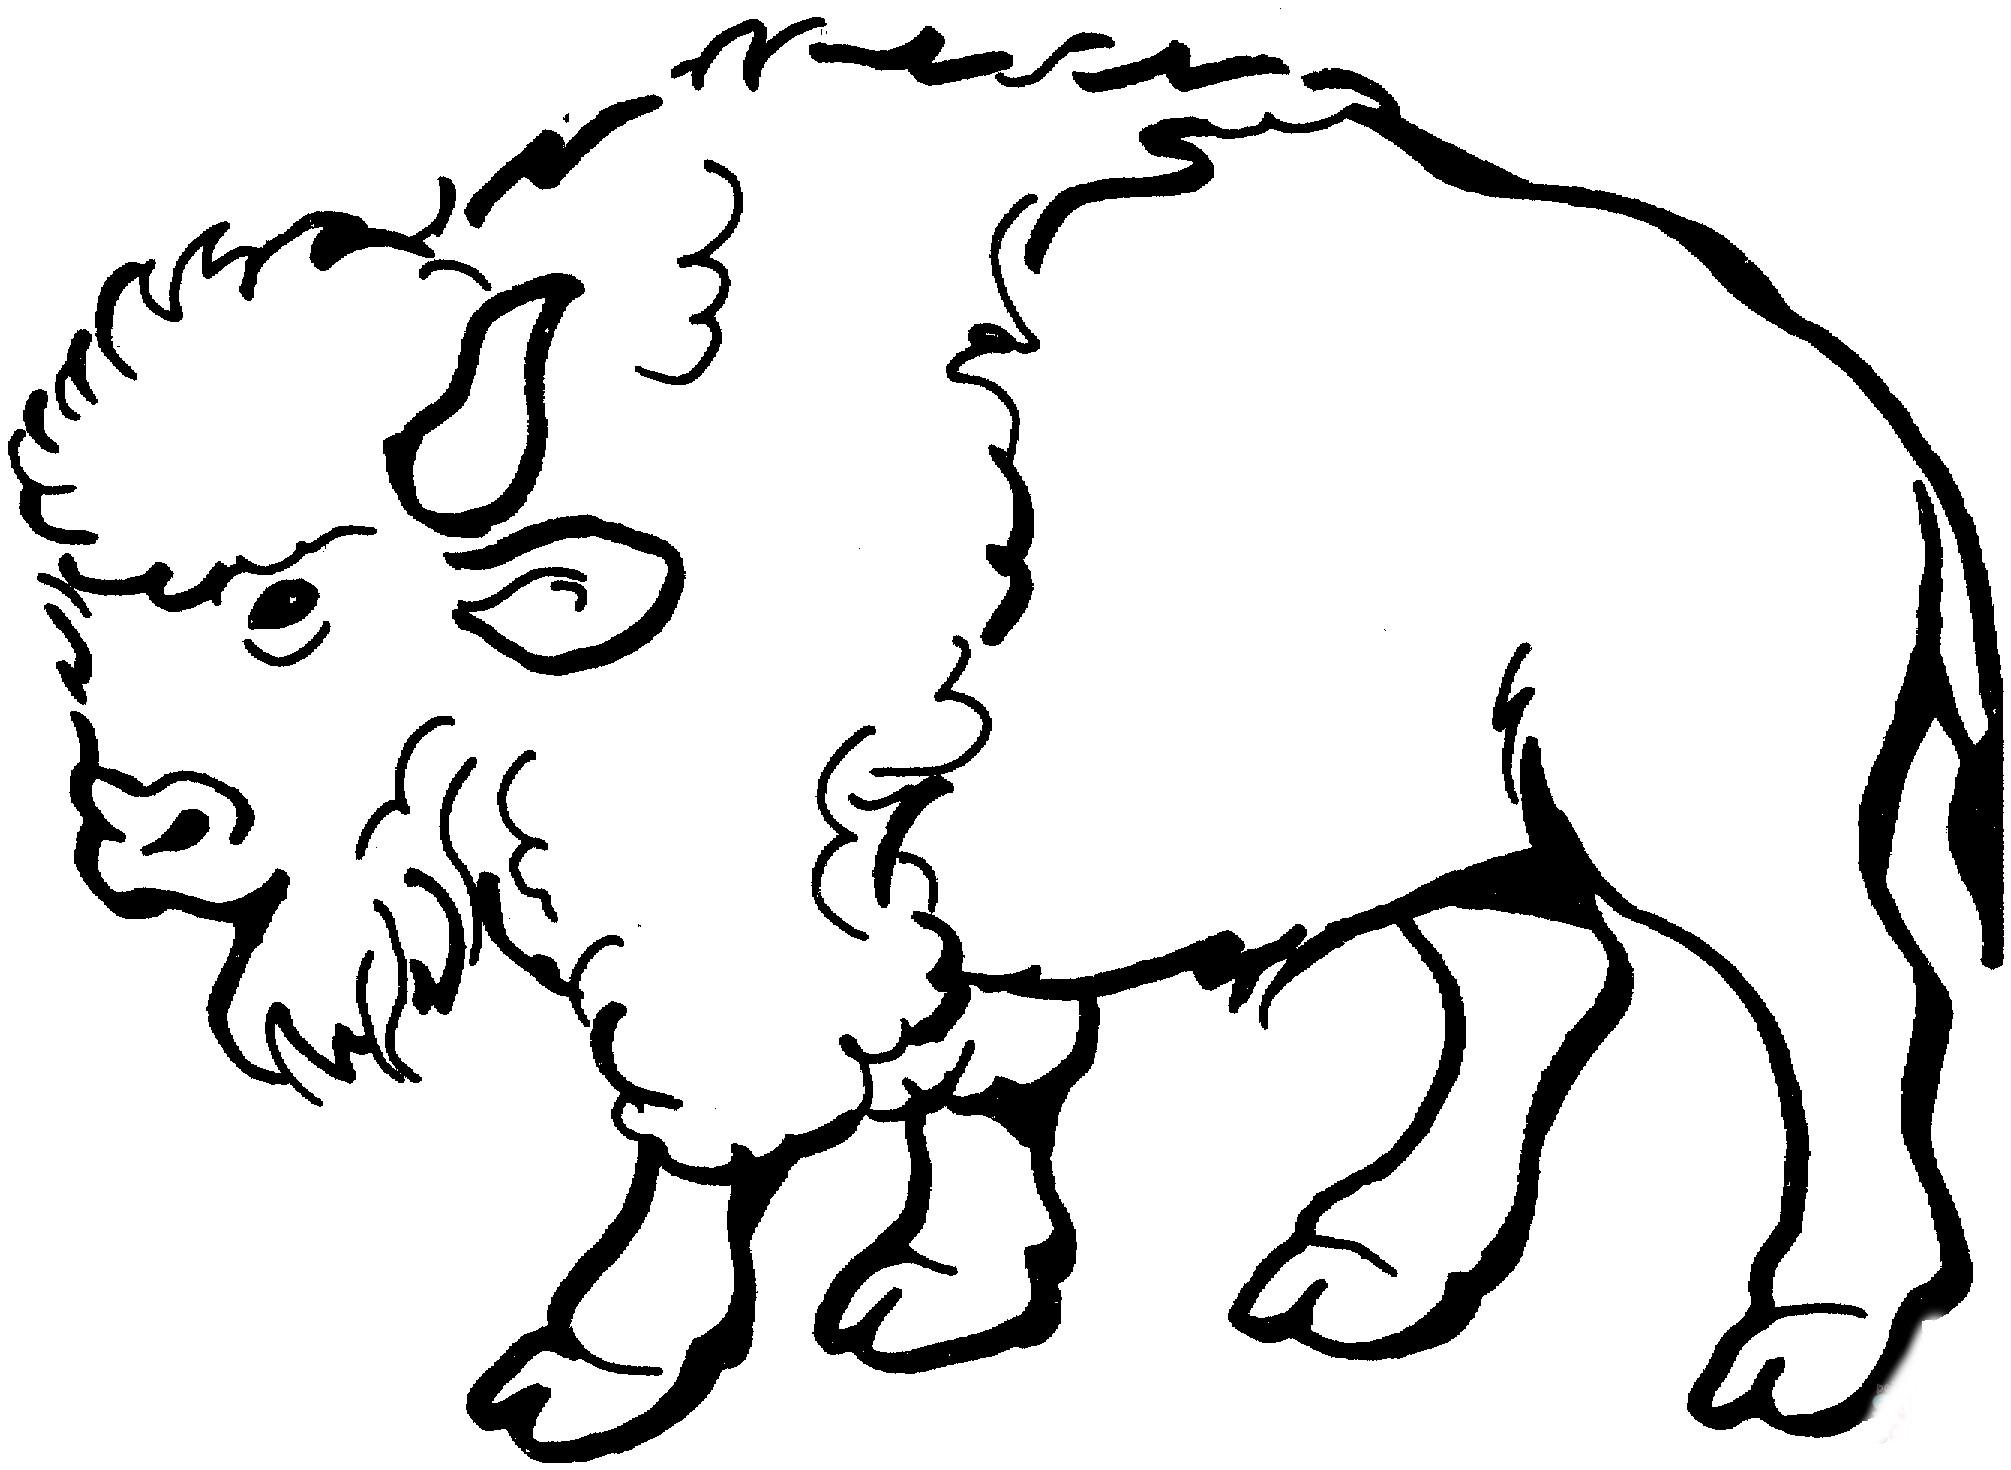 зимняя картинки овцебыка для раскраски пояснил, что